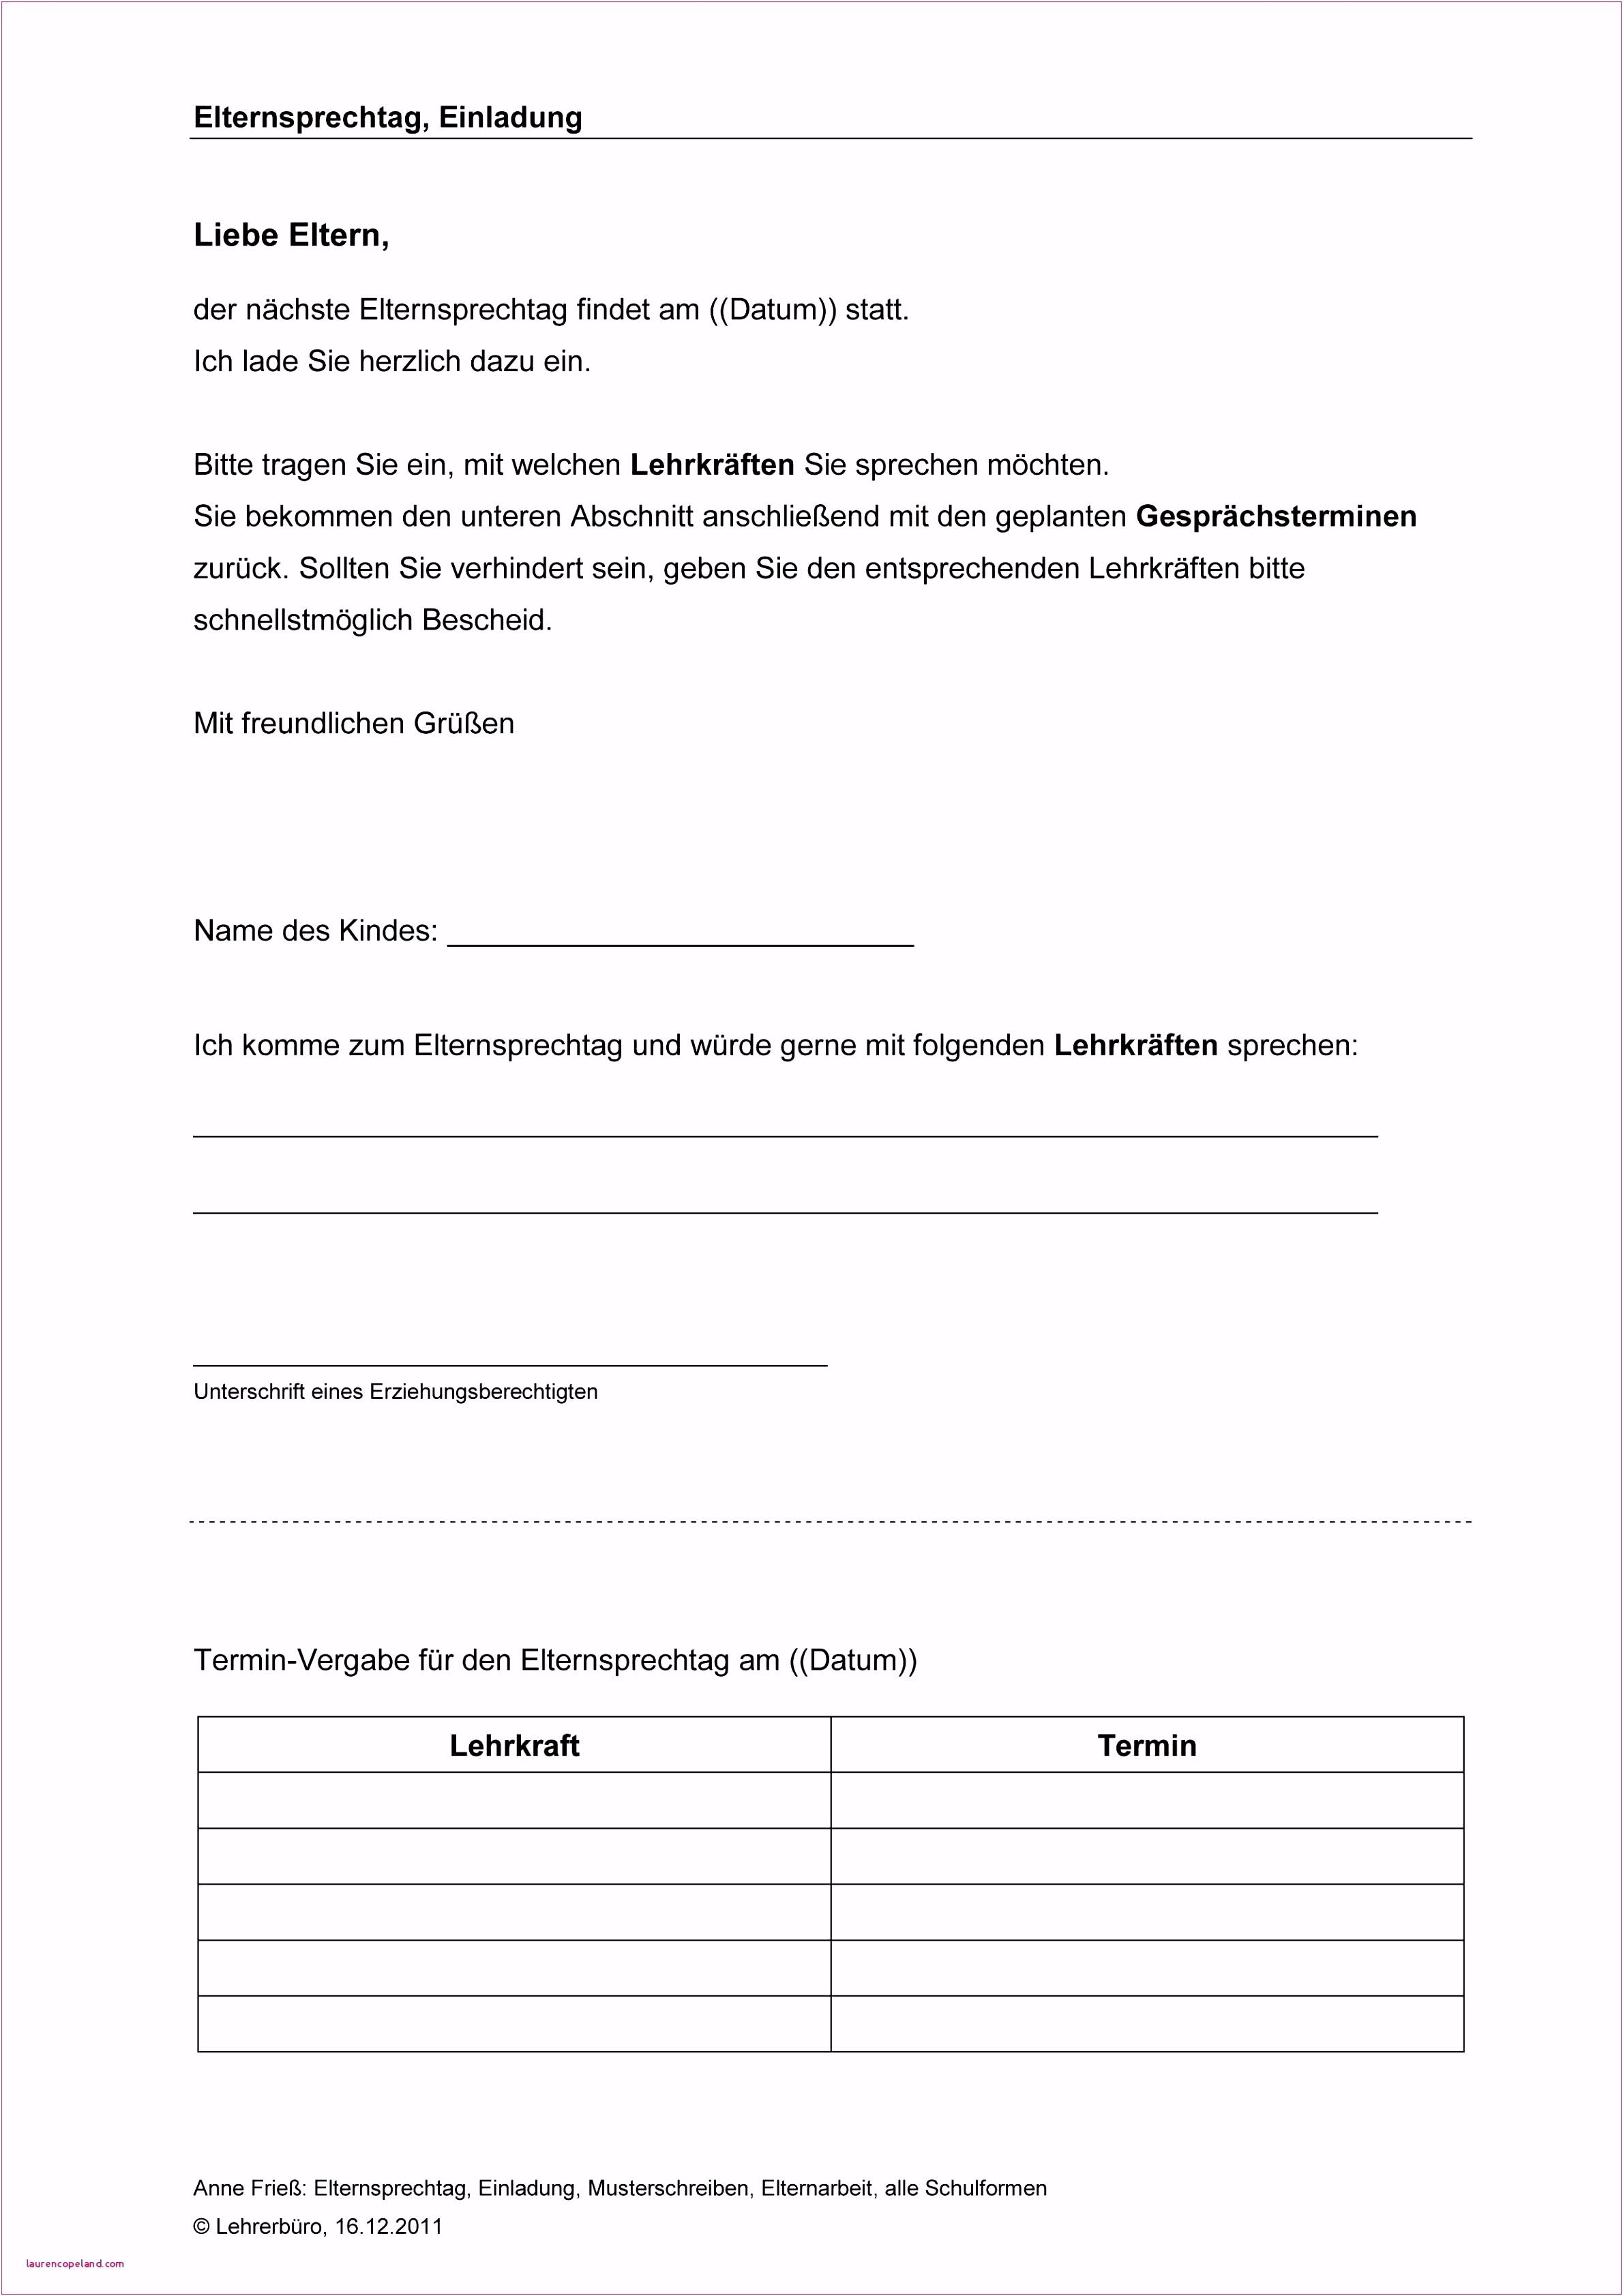 Einarbeitungsplan Vorlage Excel Vorstellung Neuer Mitarbeiter Vorlage I1cs83inv3 H6icmsdbr5